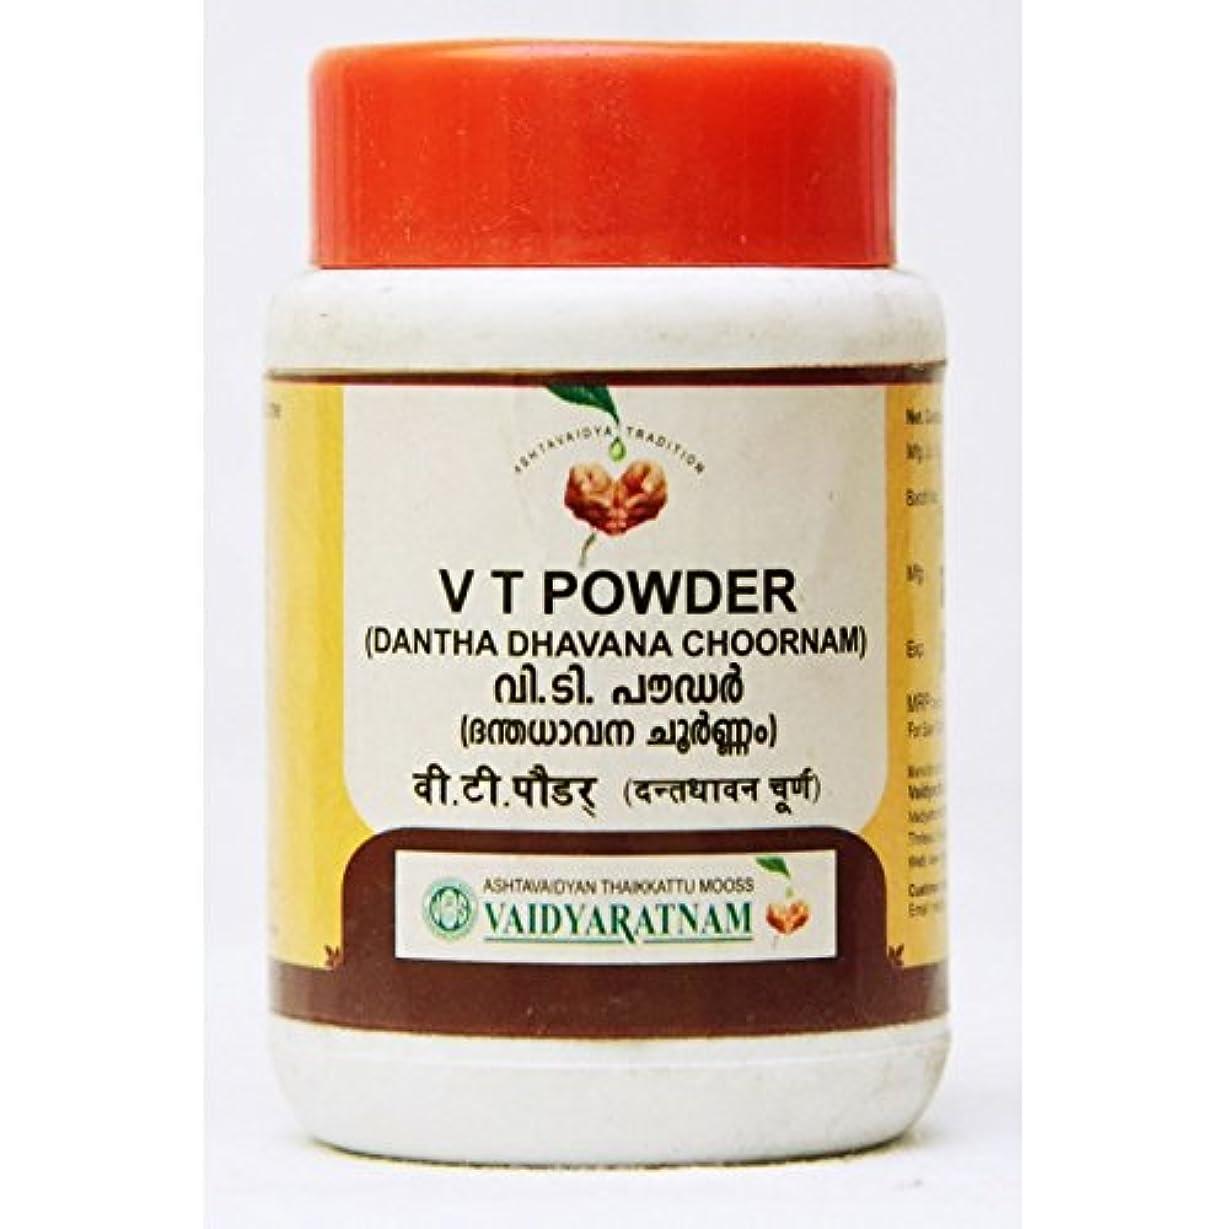 従来の同様の優雅なAyurvedic Vaidyaratnam Tooth Powder ( V T Powder )